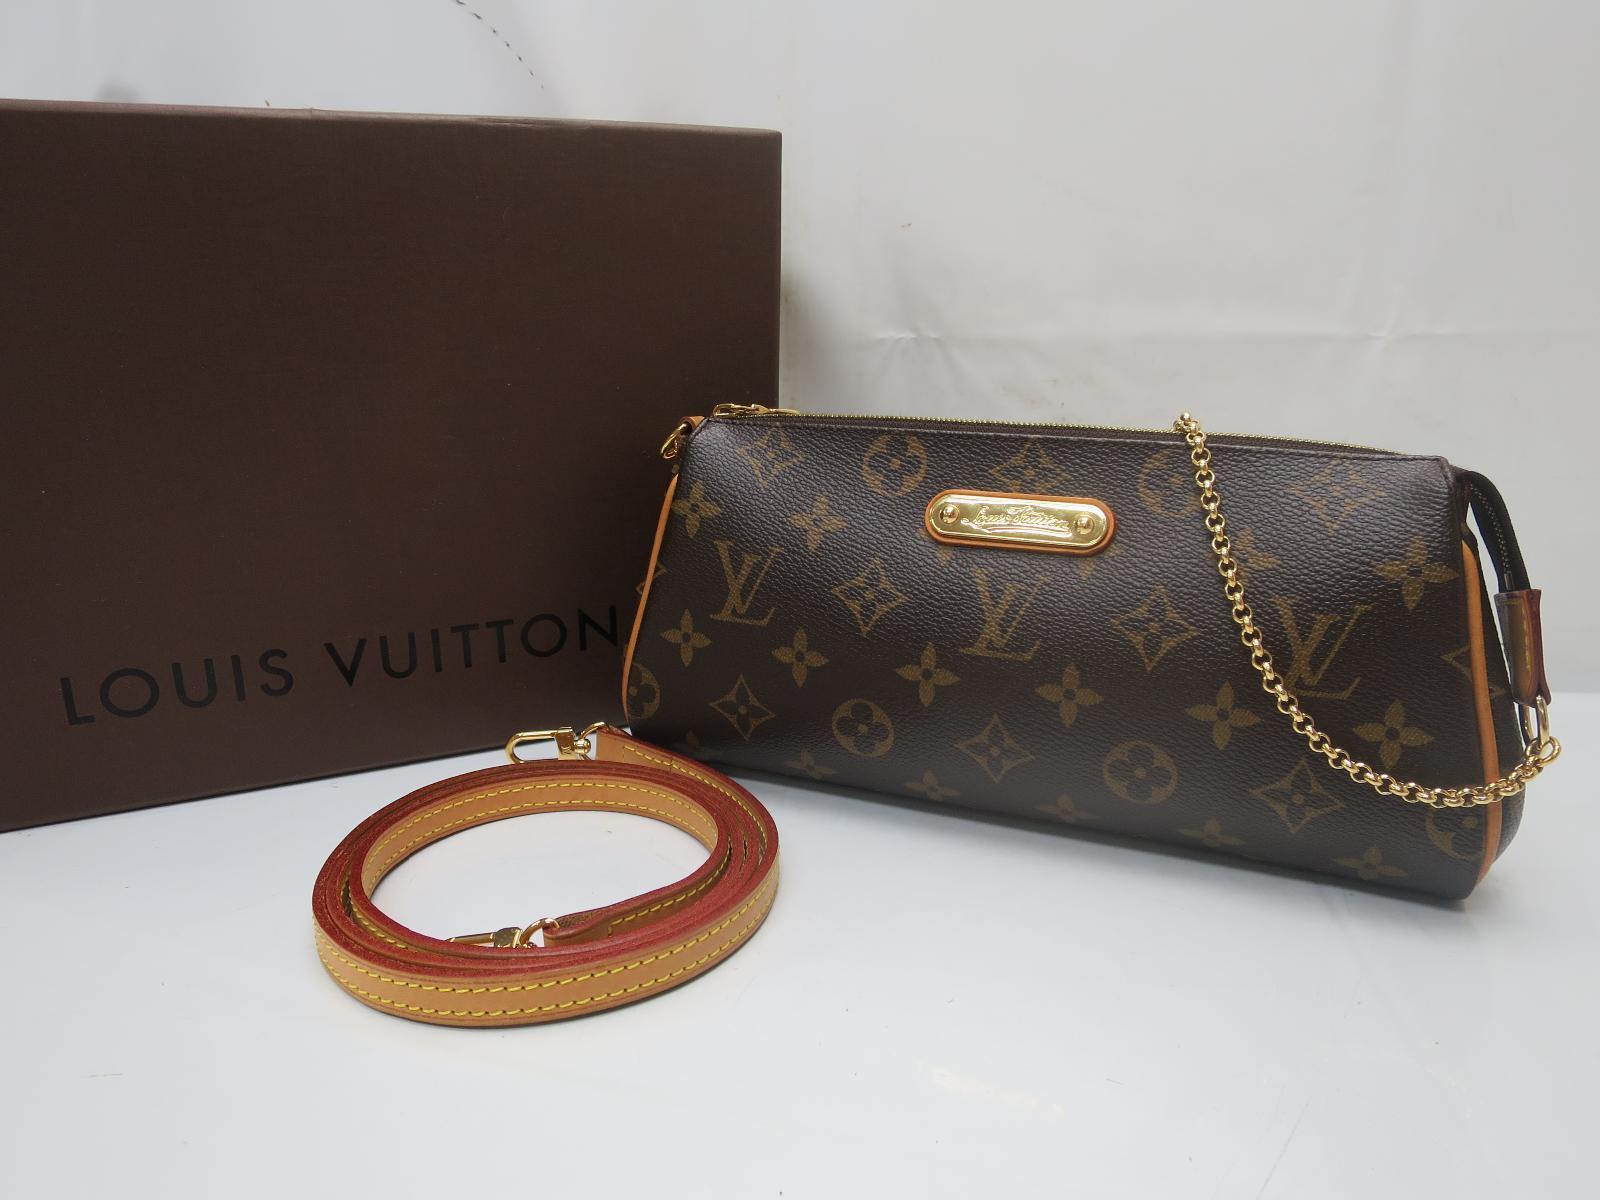 Photo1: Auth Louis Vuitton Monogram Eva Accessories Pouch with Shoulder Strap 8J310280n (1)